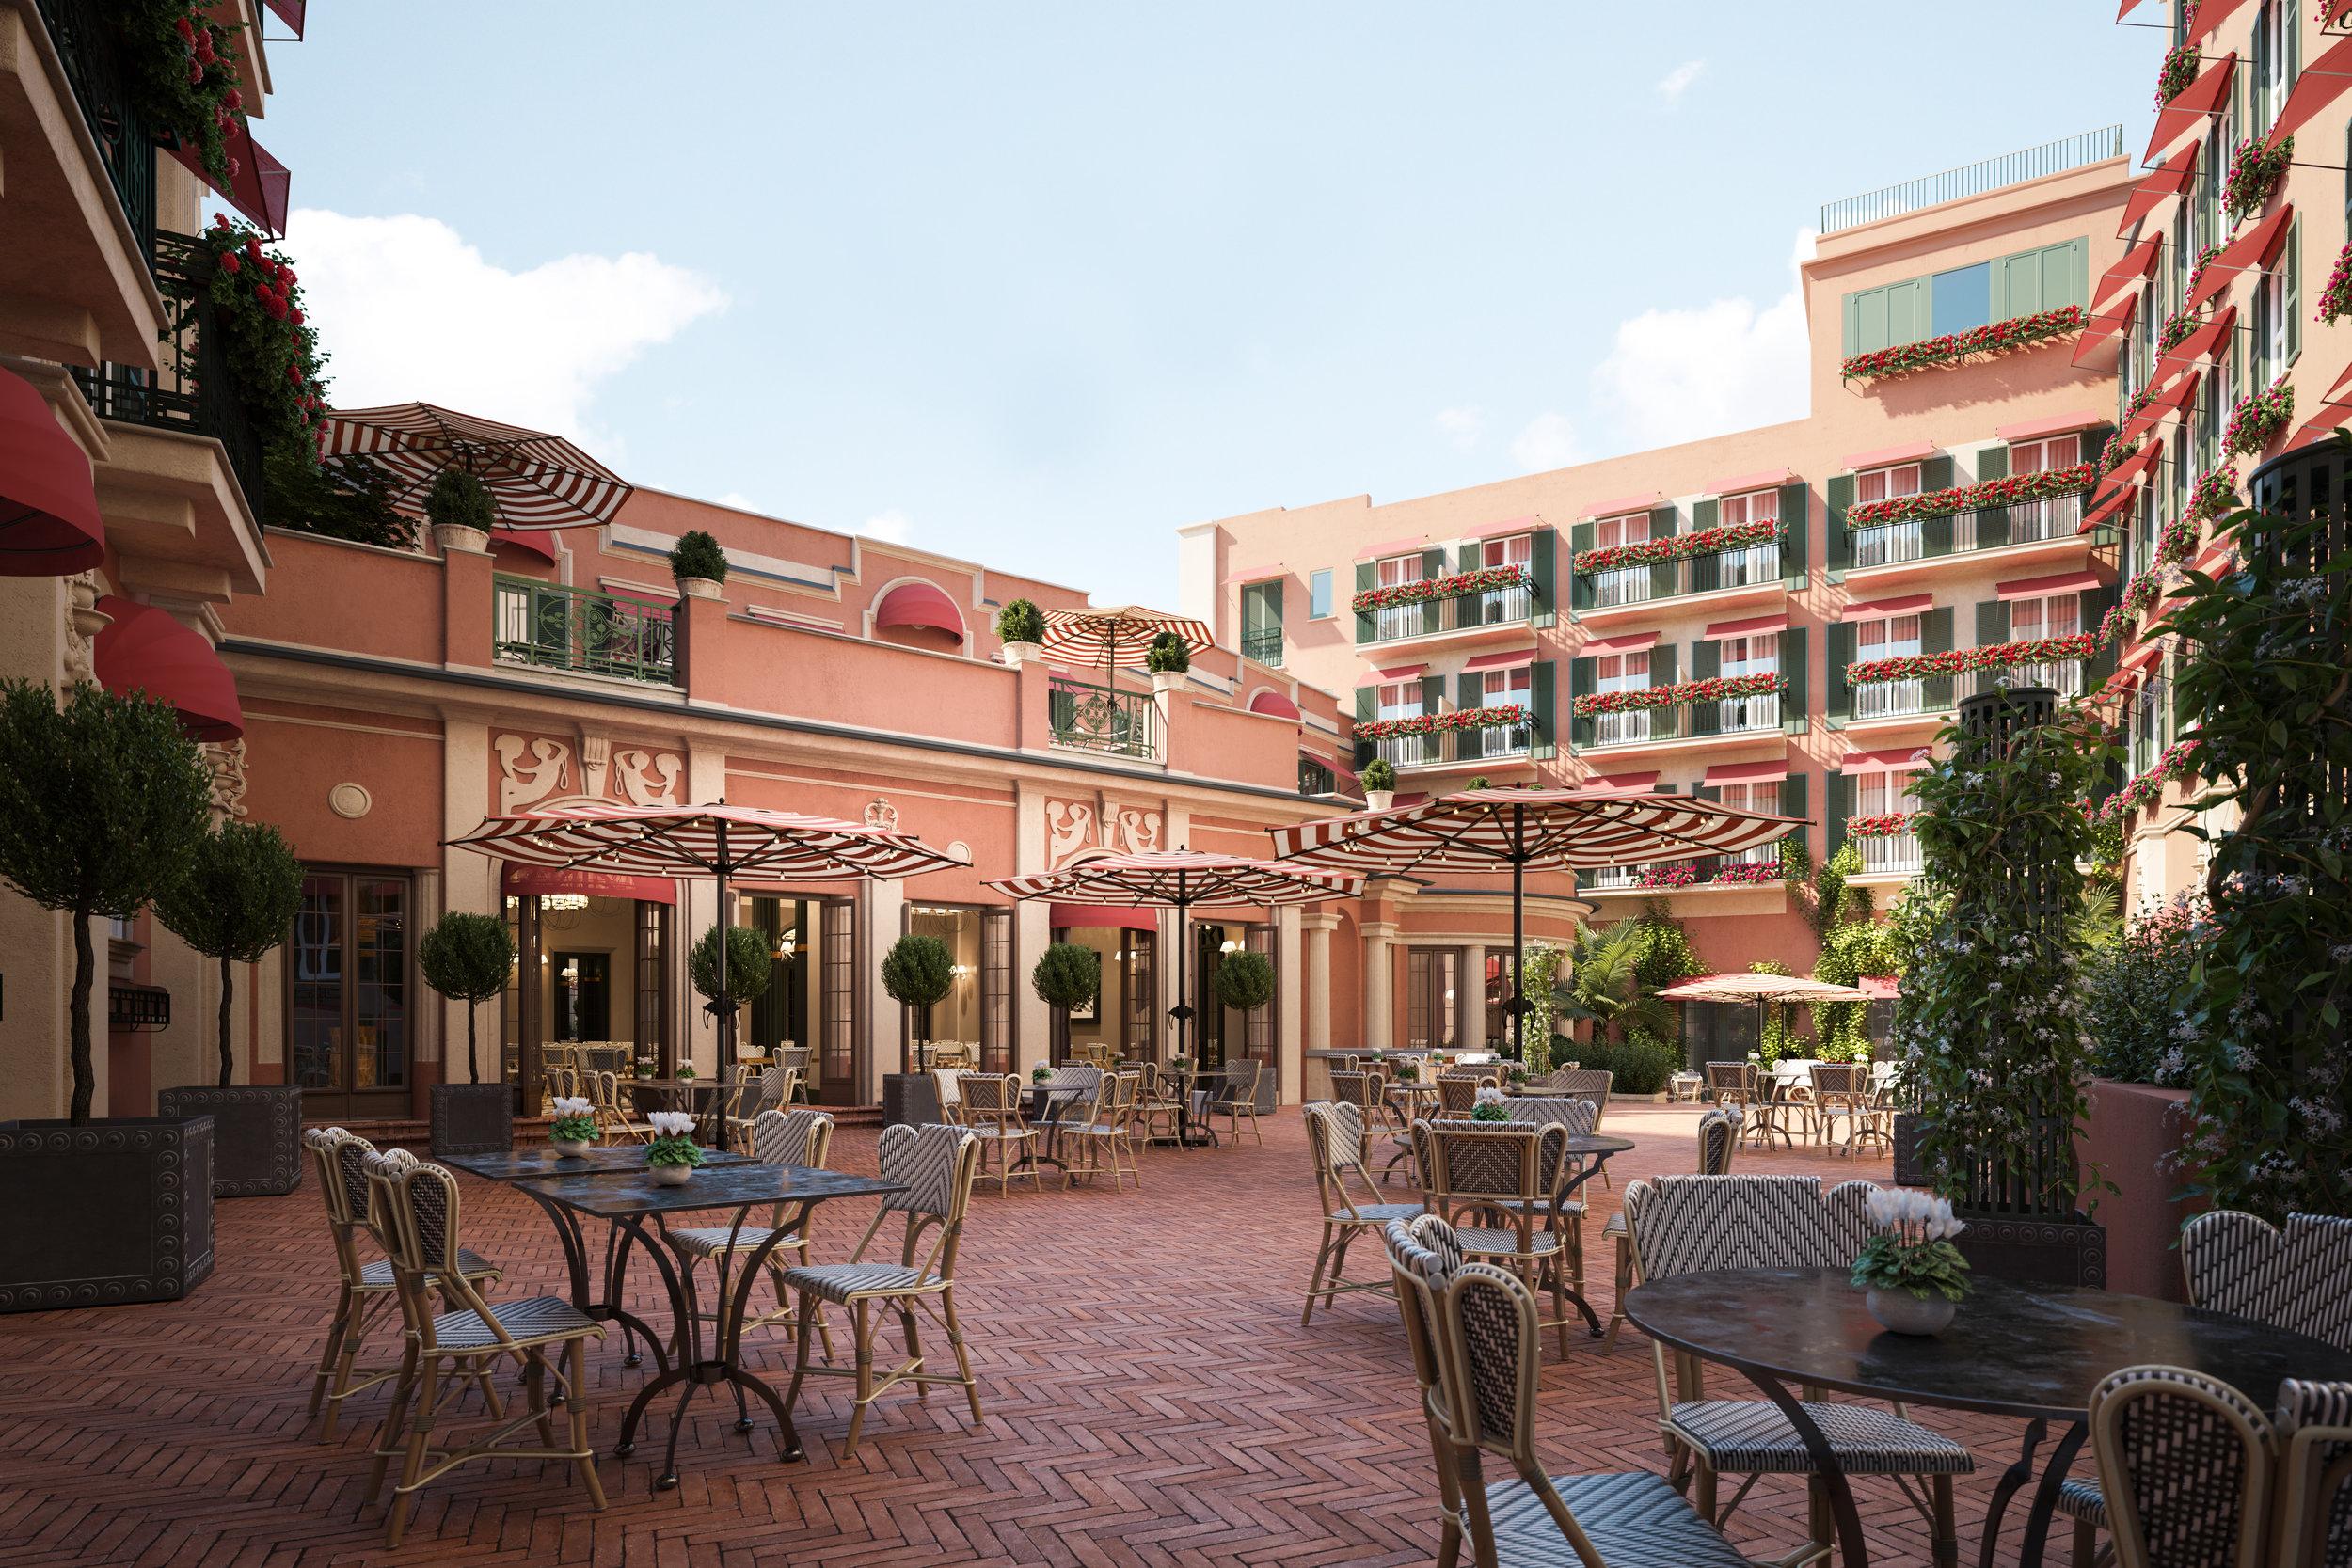 RFH Hotel de la Ville Courtyard 2 Jan 2019.jpg